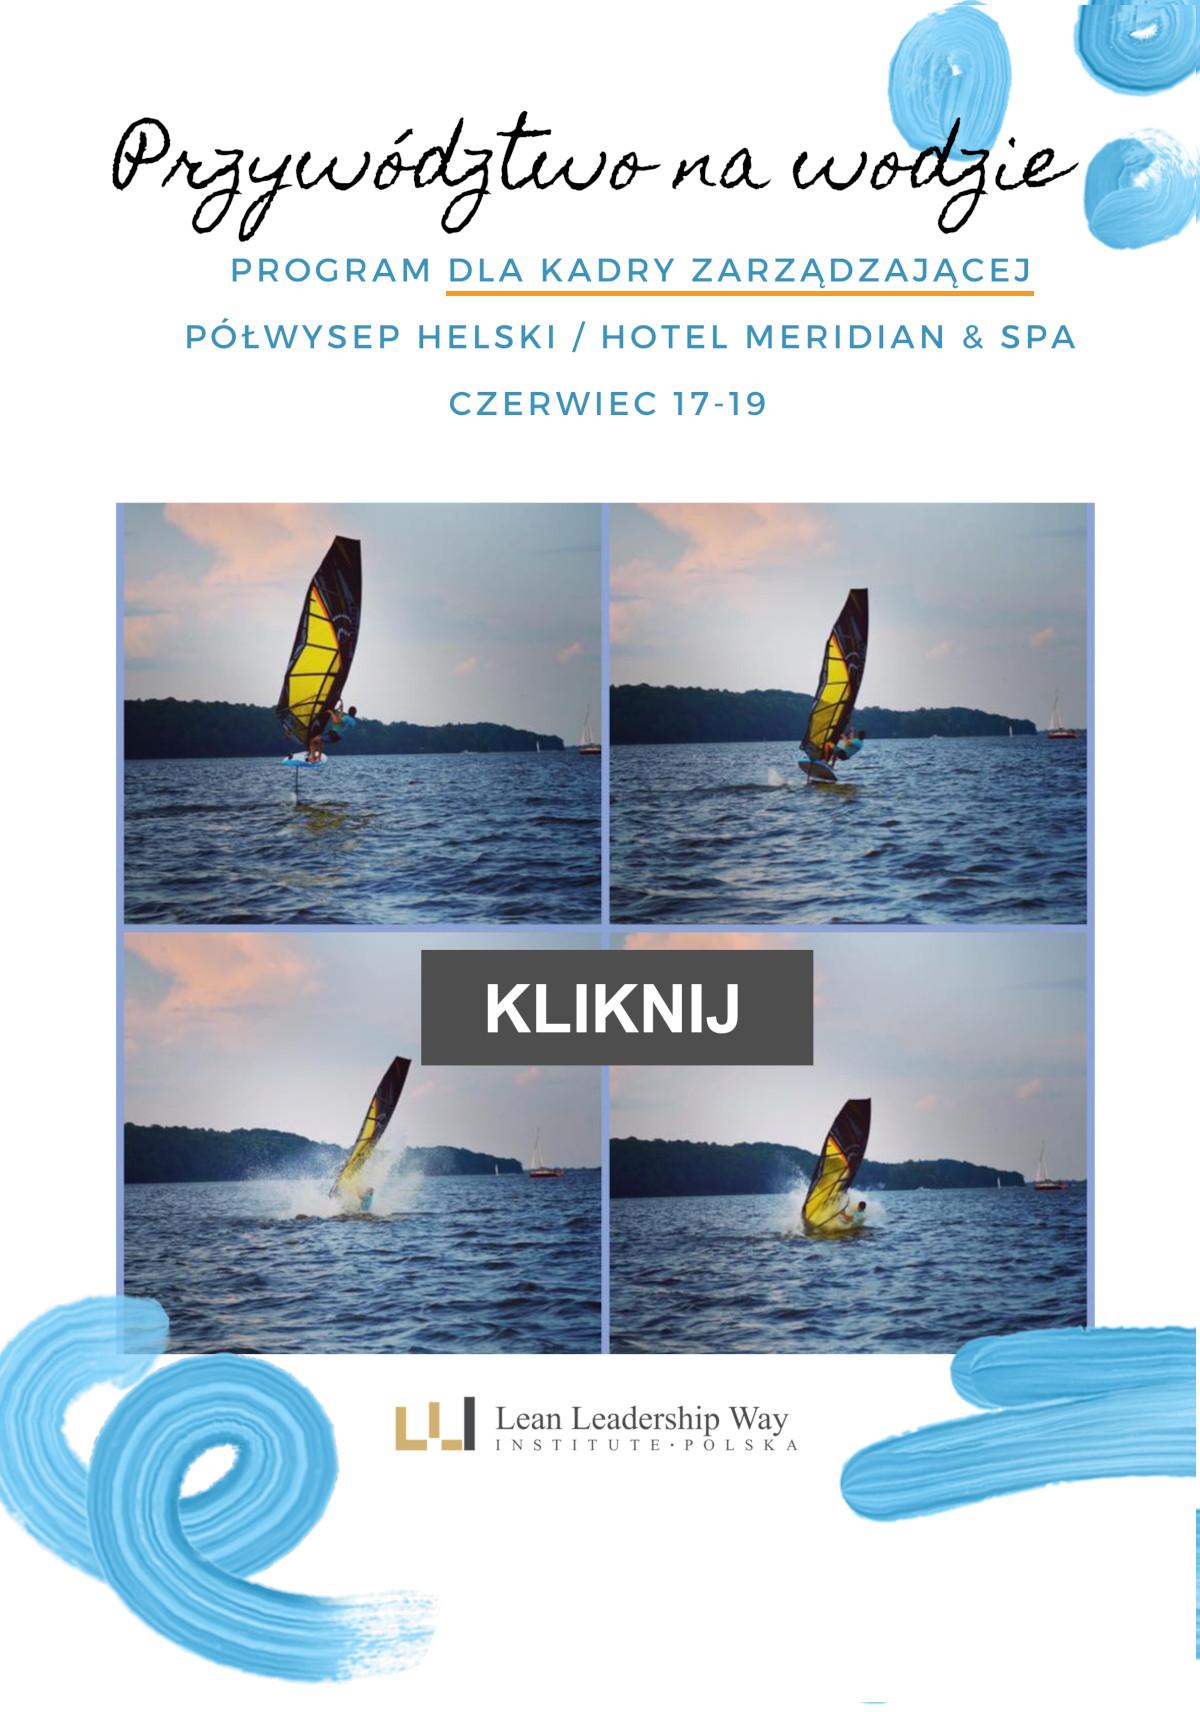 Szkolenie przywództwo na wodzie - dla zarządzających